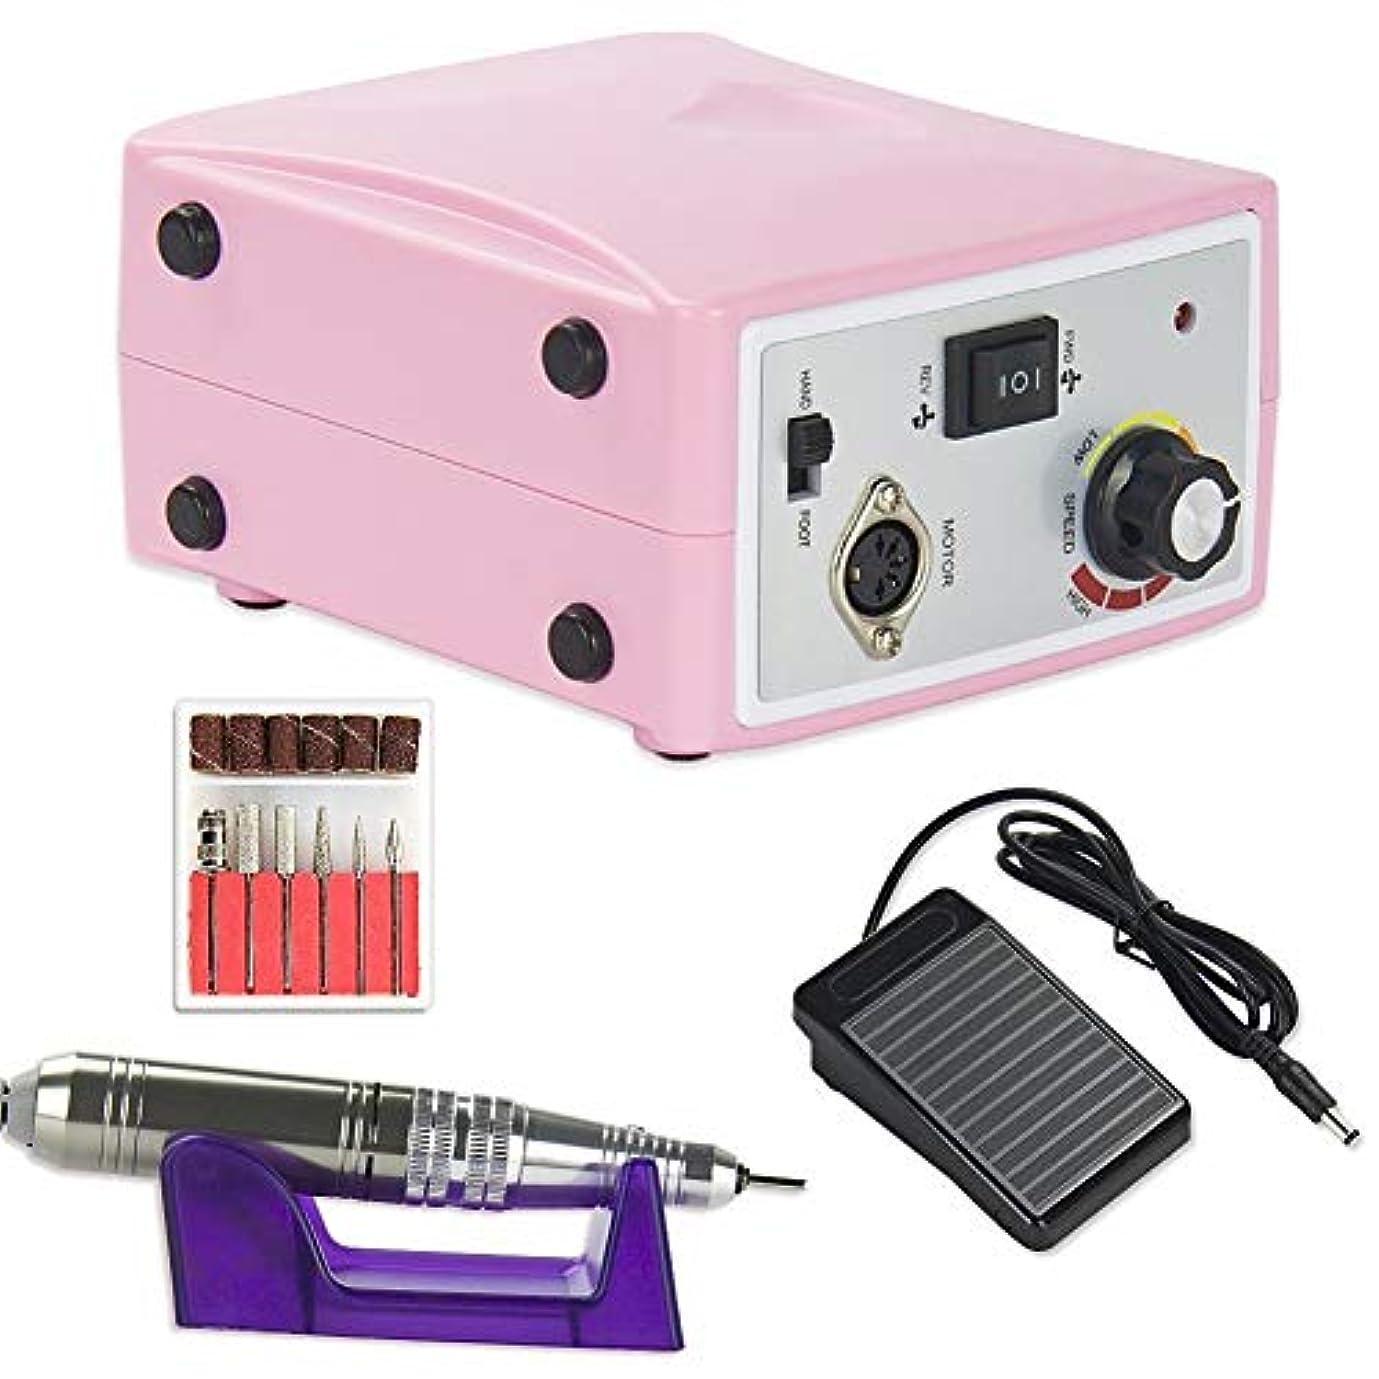 意図する節約するリハーサル釘のドリル機械アクリルの釘のピンク30,000RPMのための電気釘ファイルマニキュアのペディキュアドリル